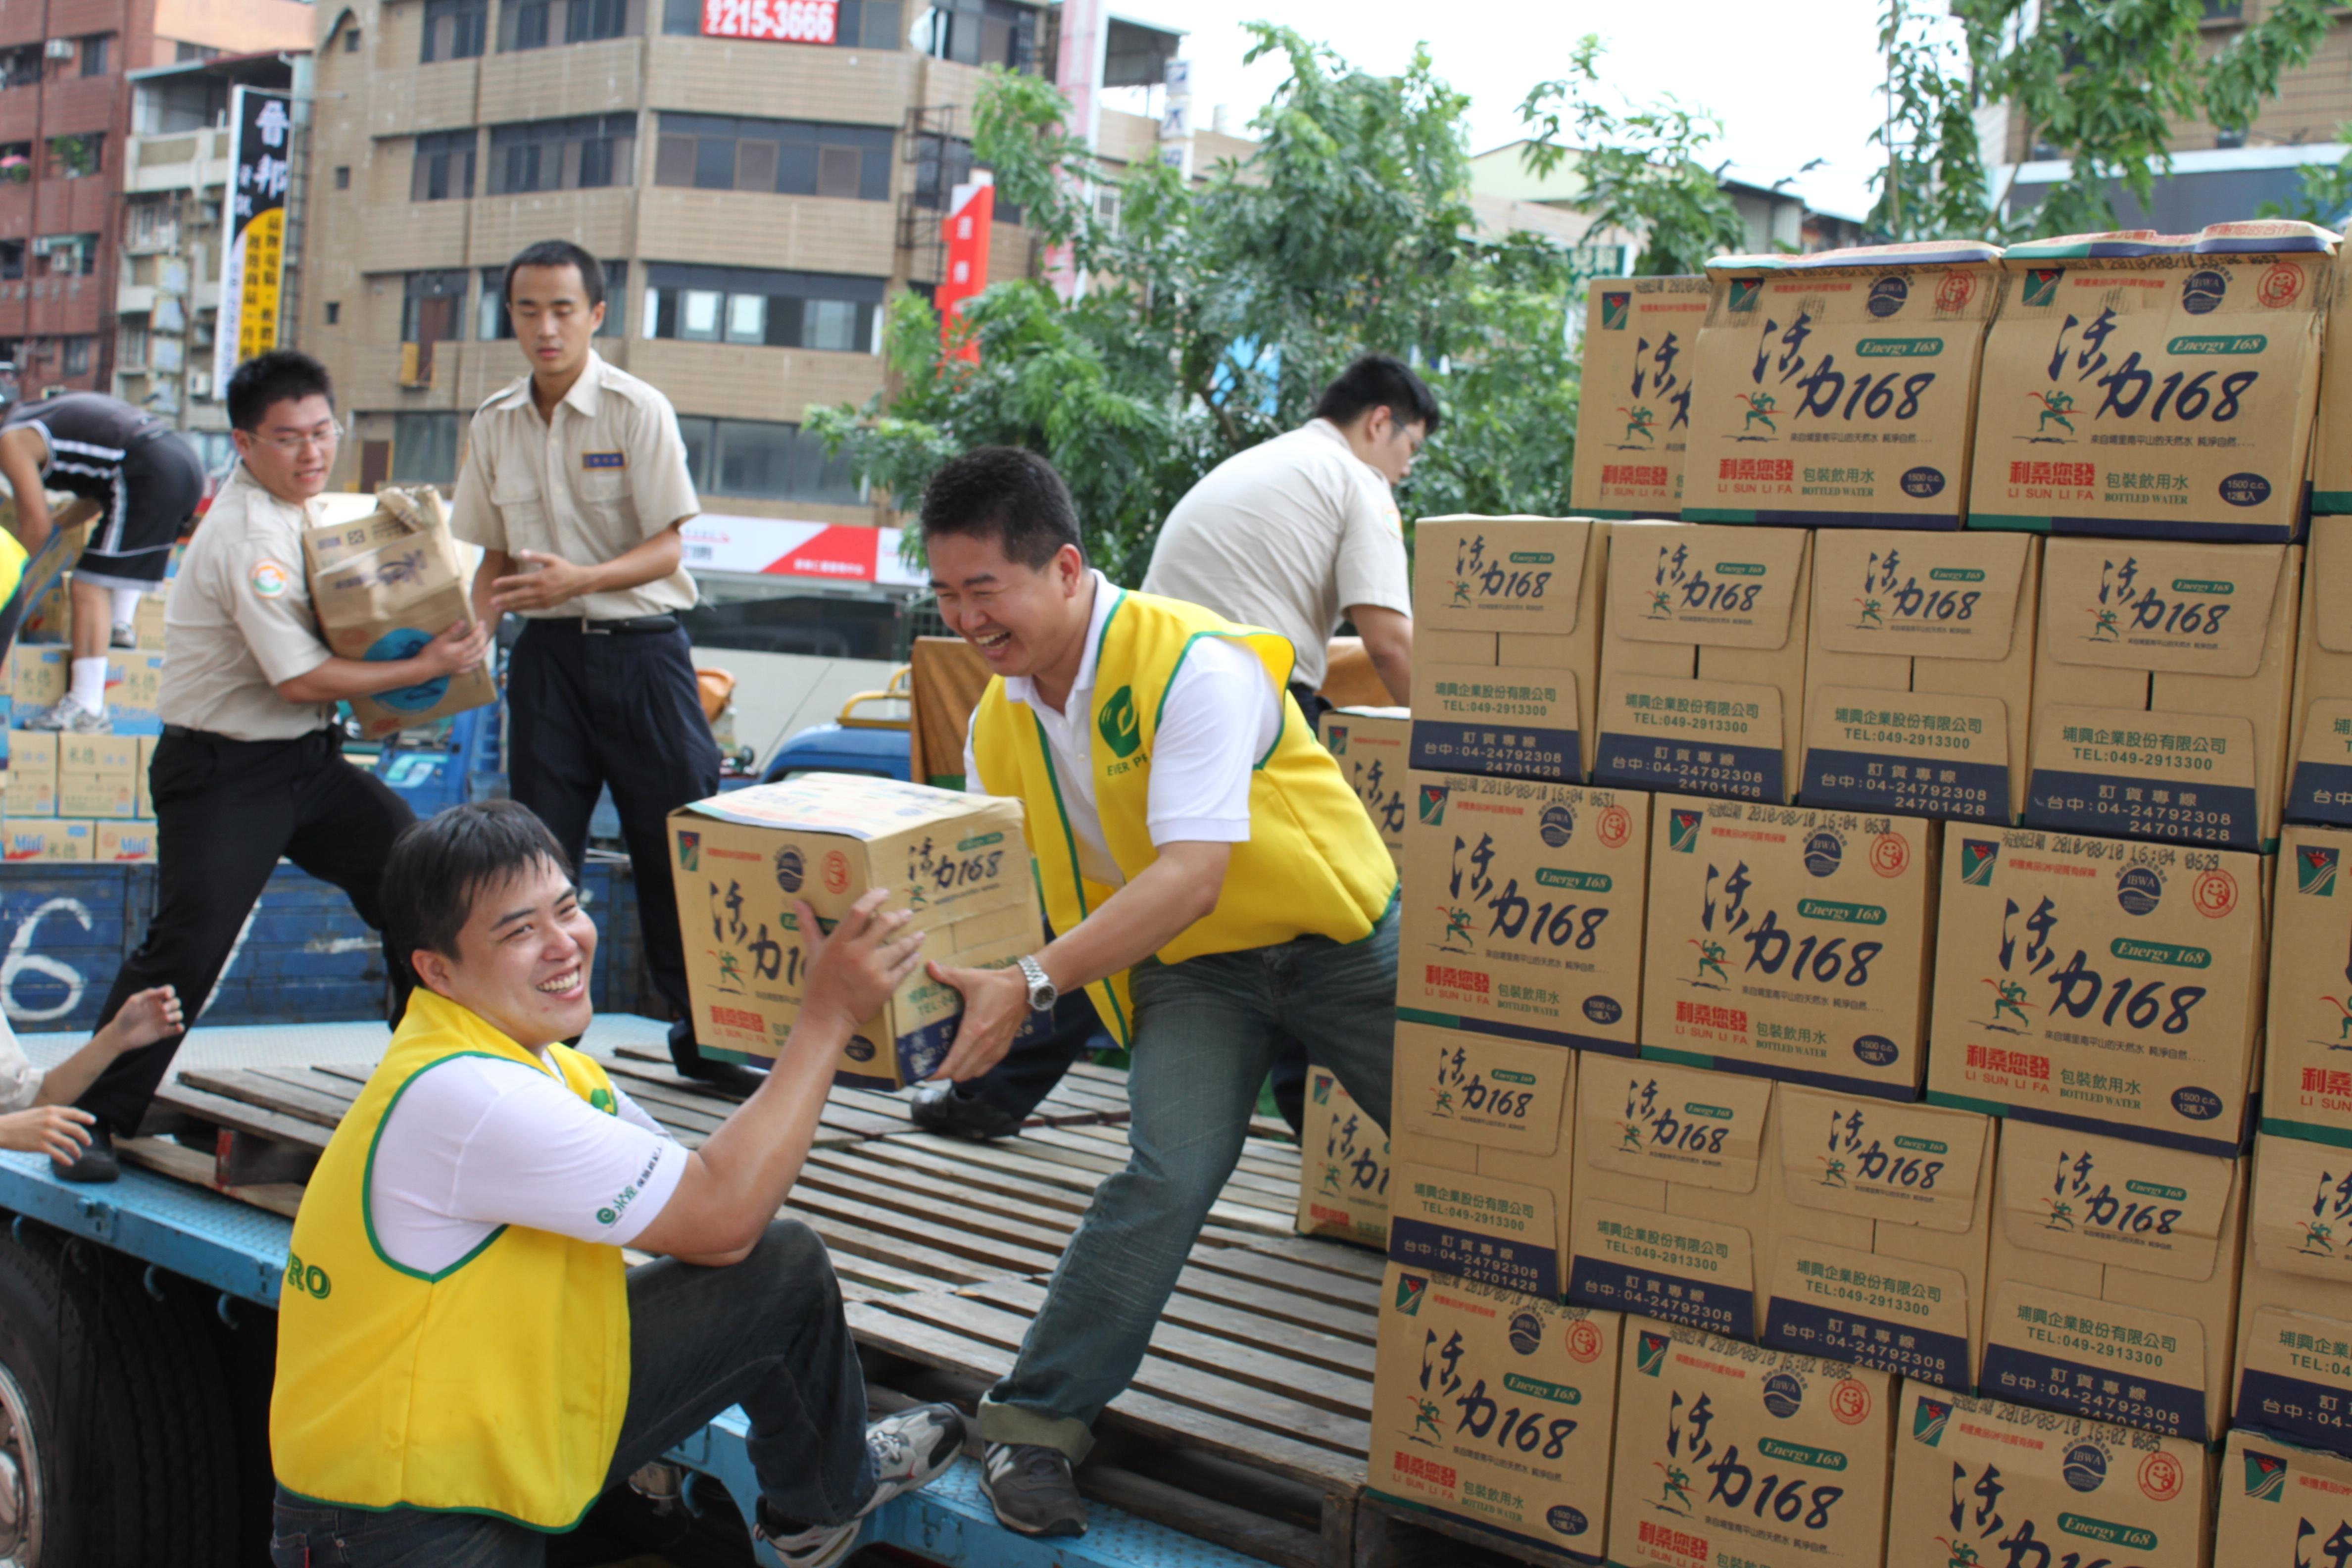 永達志工前往災區協助物資搬運工作。